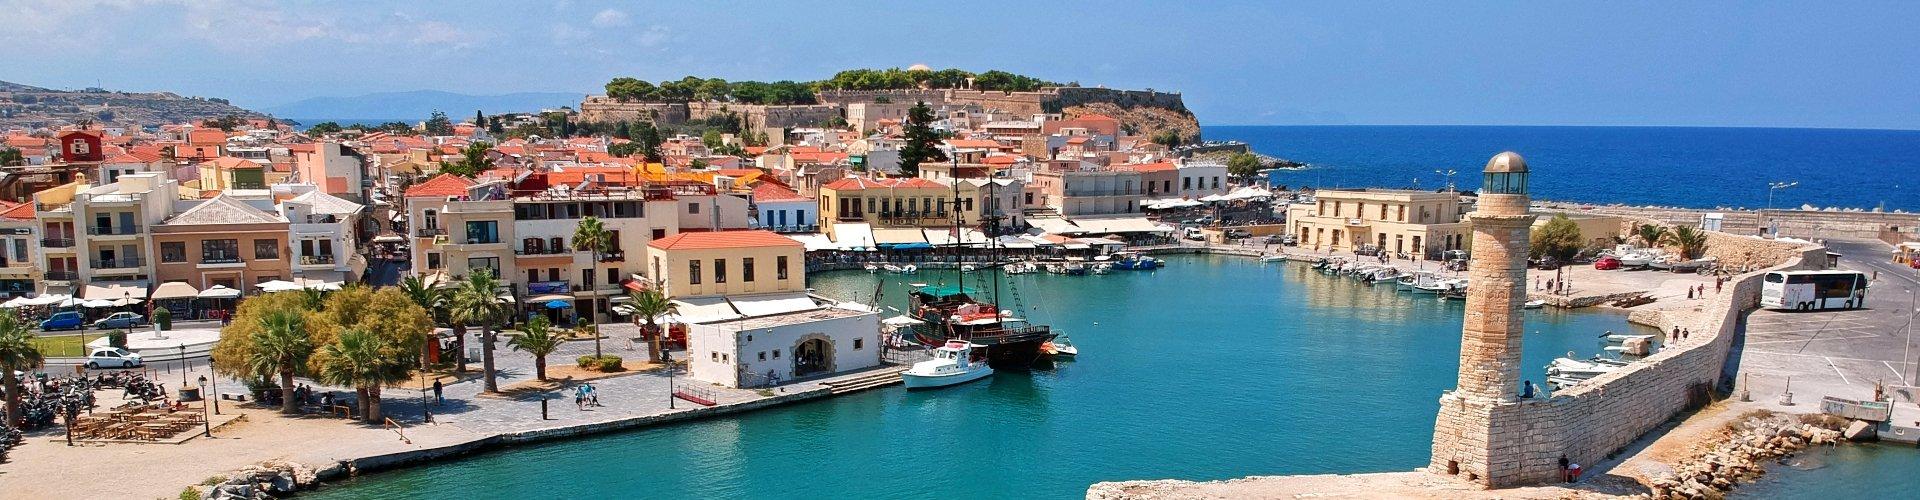 Ausflugsziel Hafenstadt Rethymnon